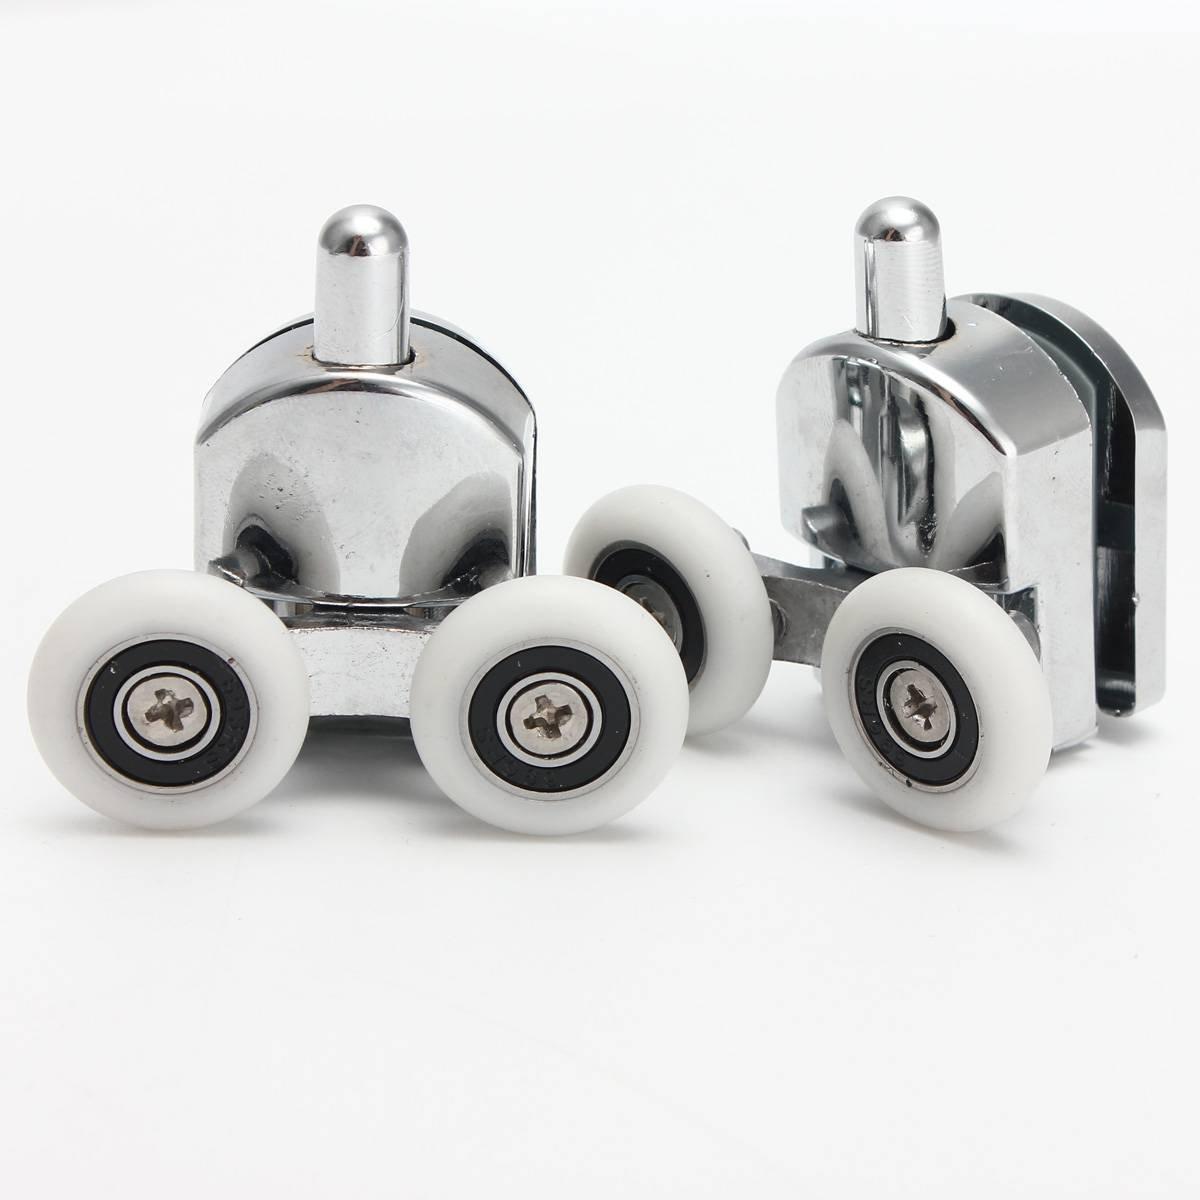 Rey DO manera 8 piezas aleación de zinc Doble inferior para mampara de ducha rueda rodillo corredores 25 mm de diámetro: Amazon.es: Bricolaje y herramientas